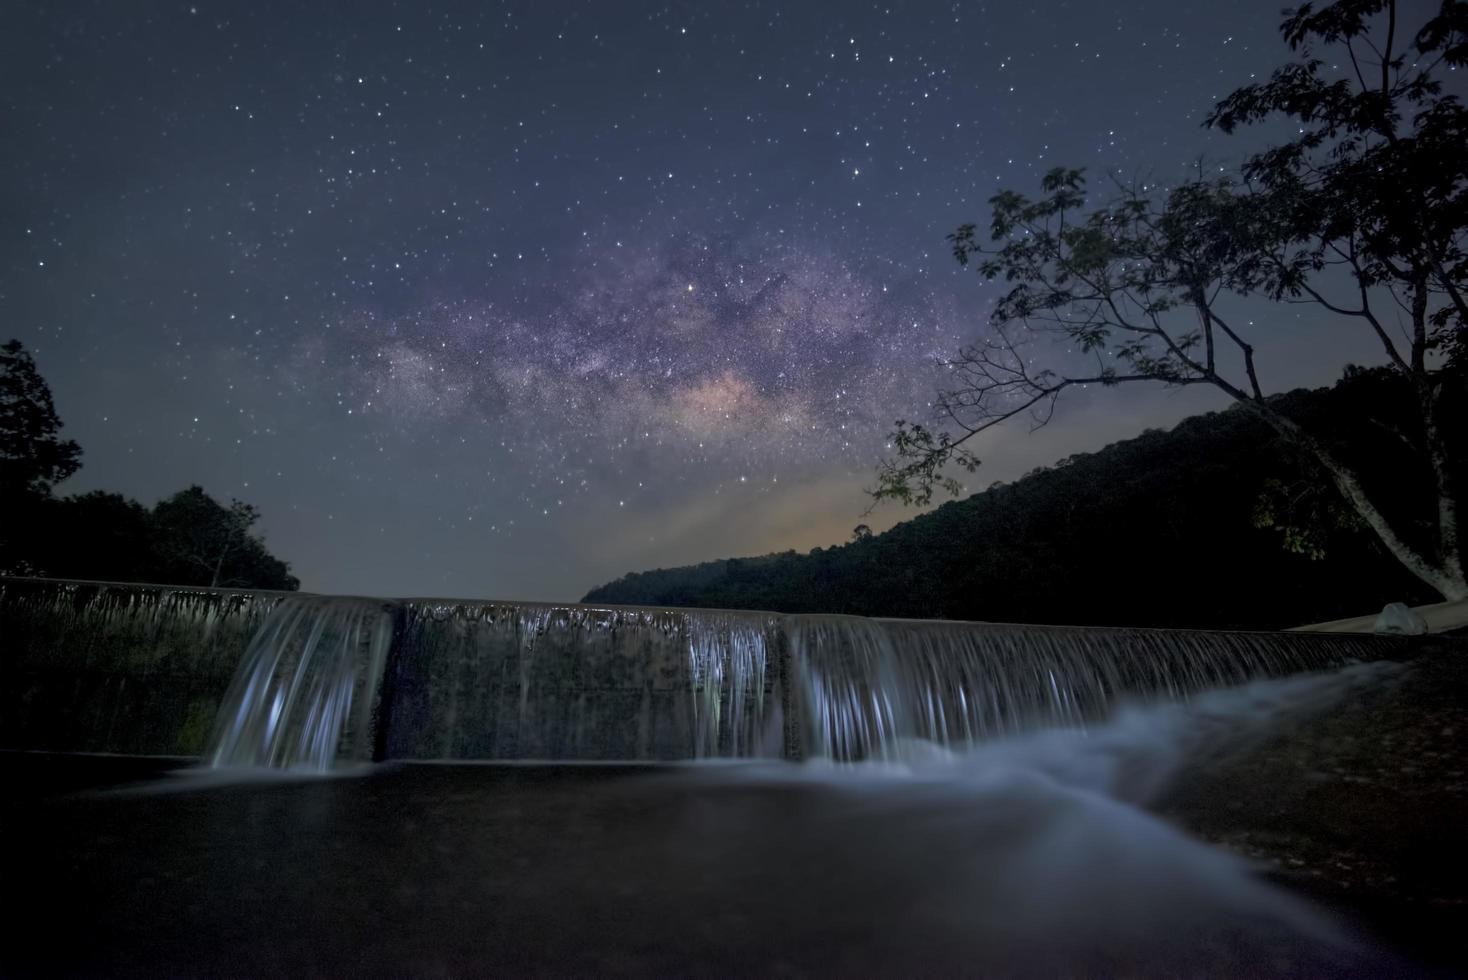 Milchstraße über kleinen Damm foto